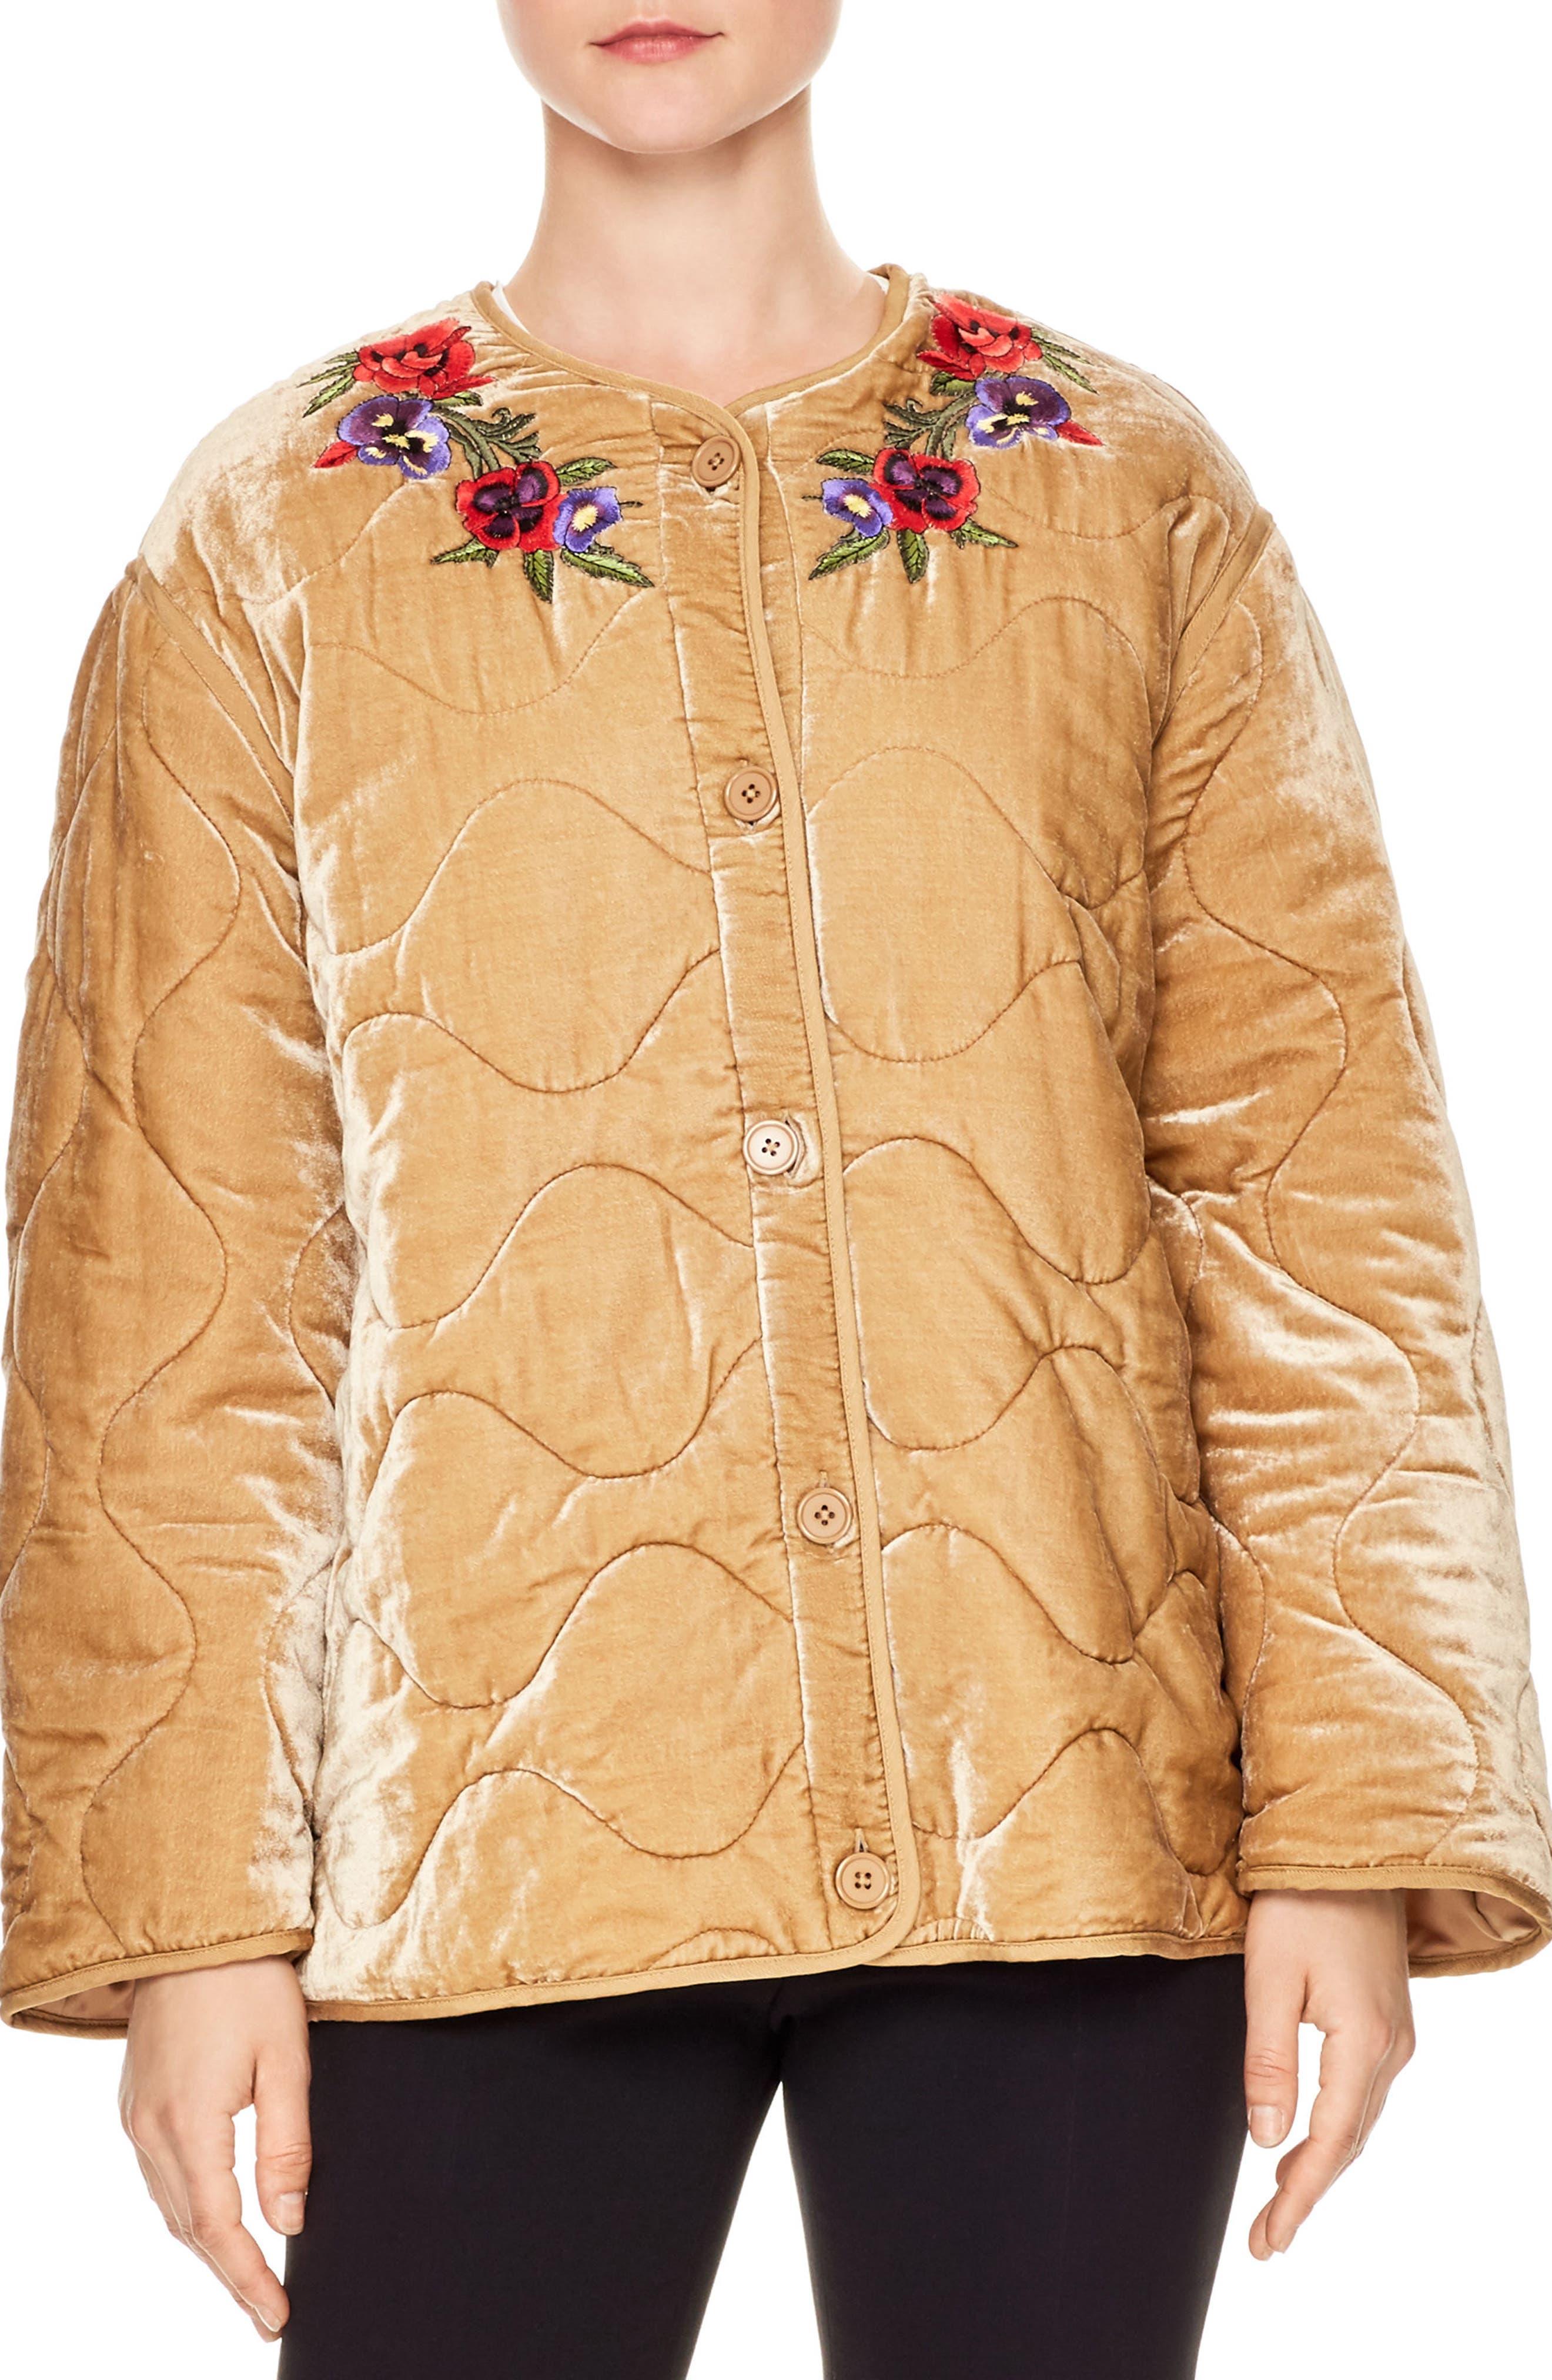 Reva Quilted Velvet Jacket,                             Main thumbnail 1, color,                             Beige